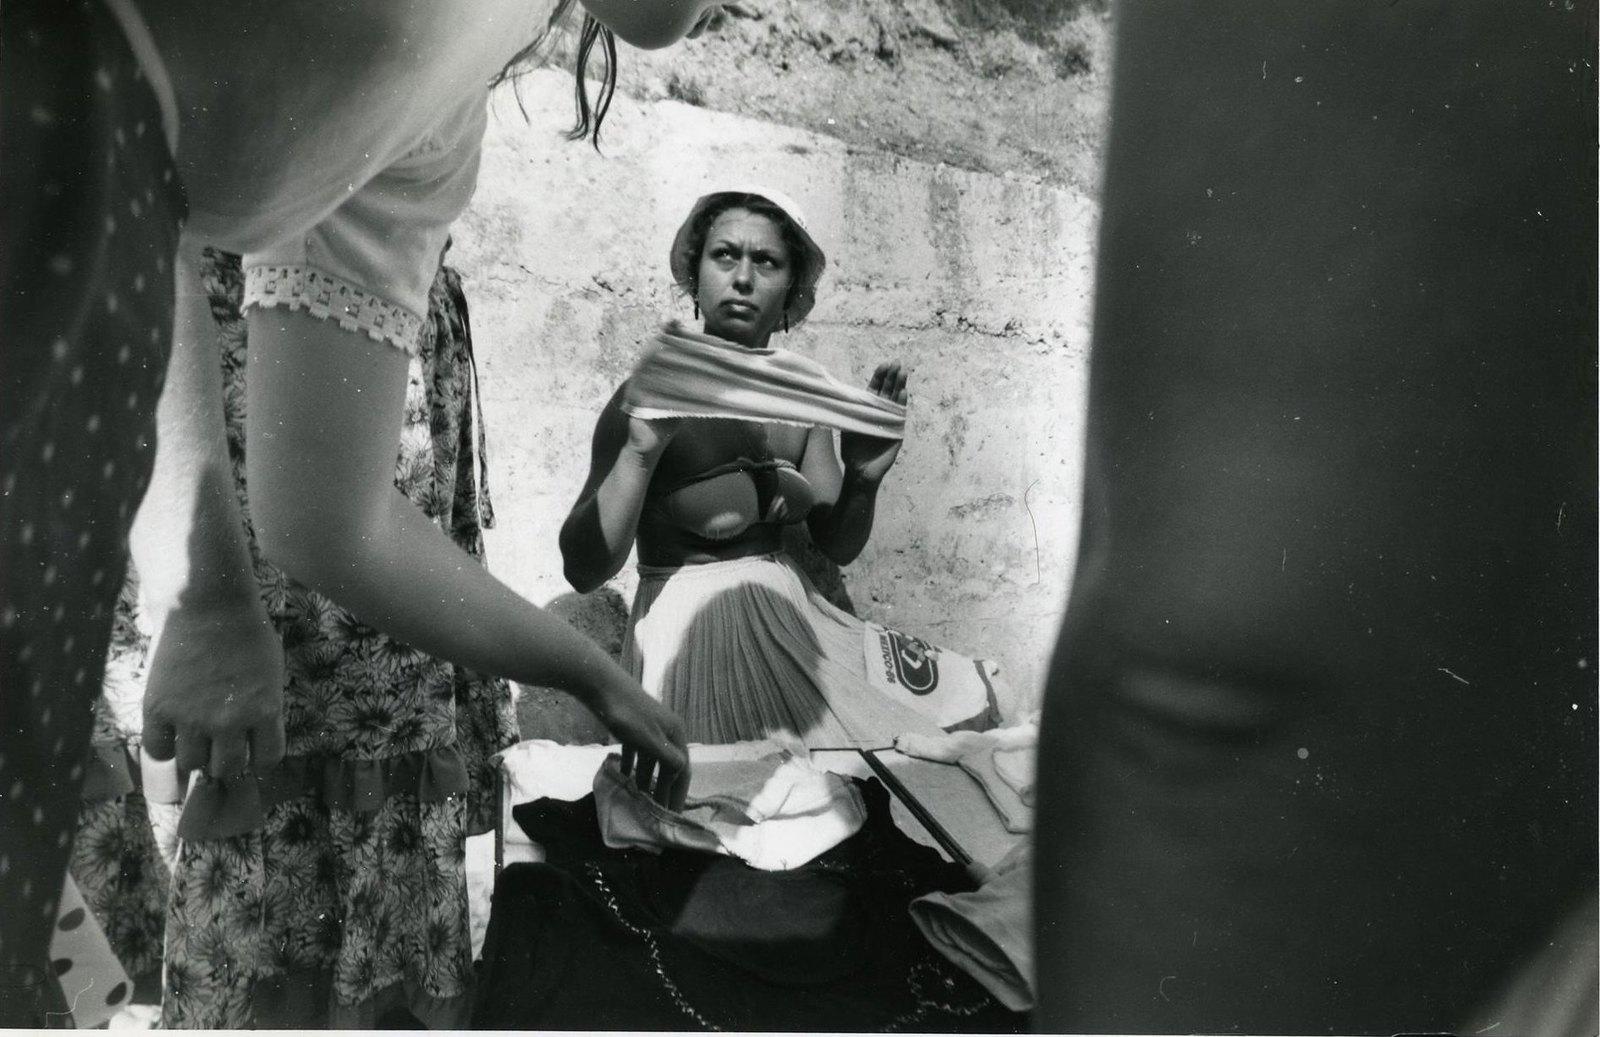 1985. Ялта. Продавщица белья. Из серии «Южный берег»